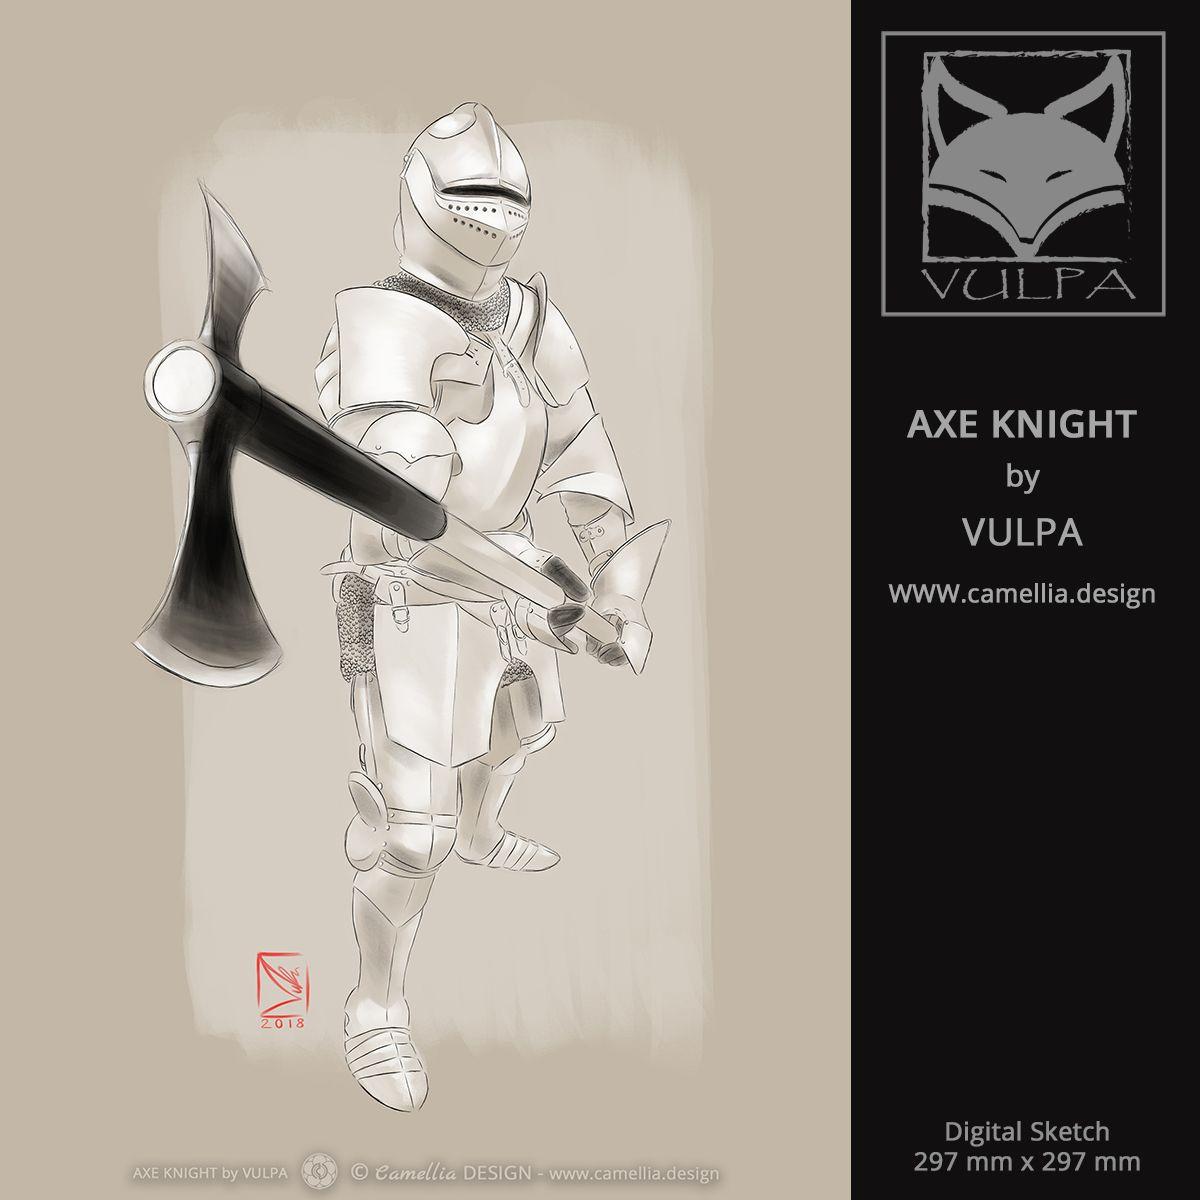 AXE KNIGHT